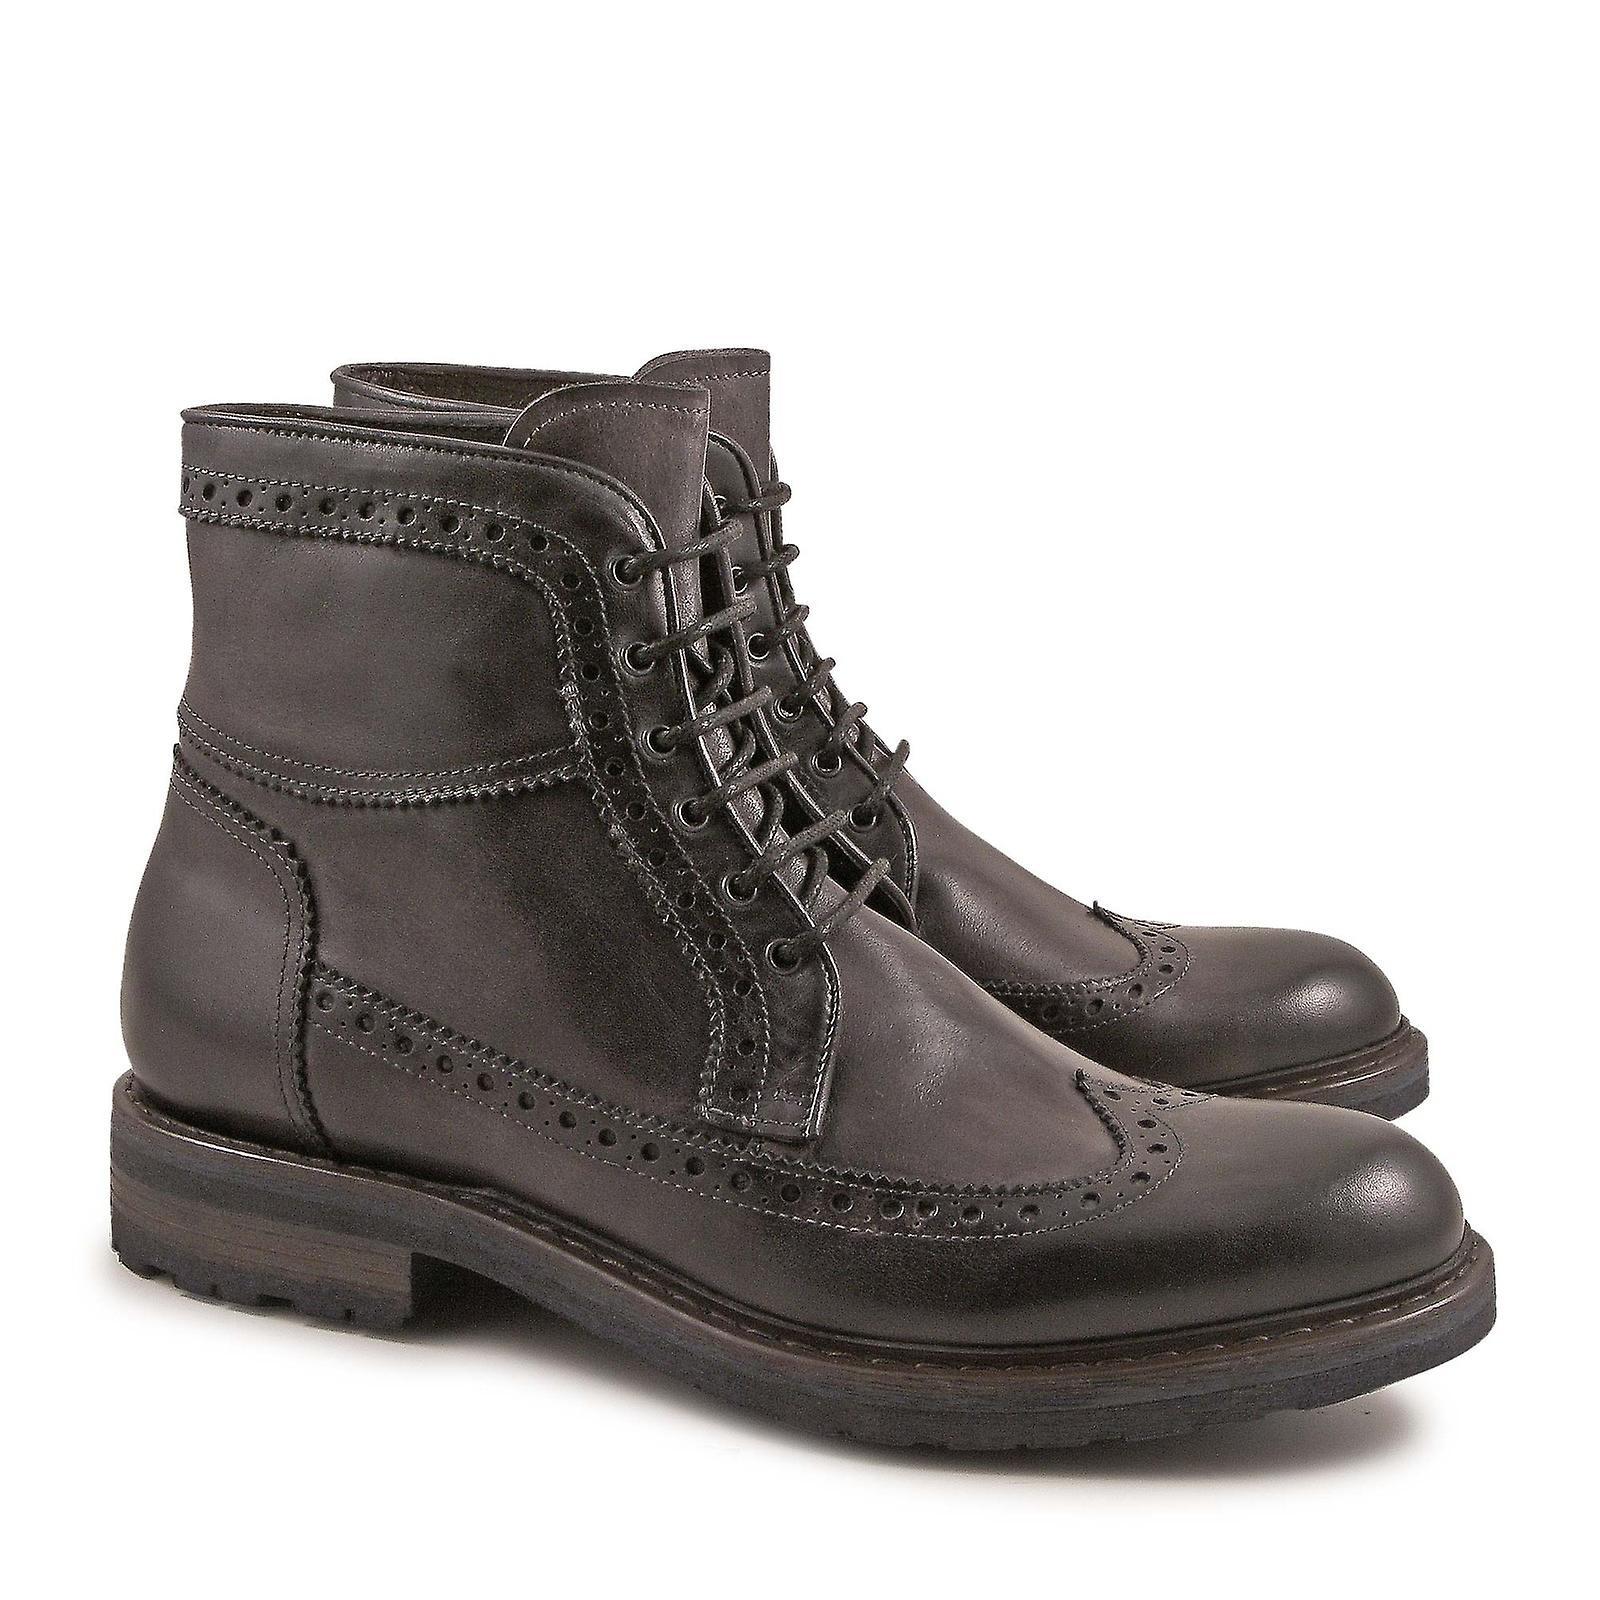 Handmade wingtip stivali for men in grigio calf leather | Per La Vostra Selezione  | Uomo/Donna Scarpa